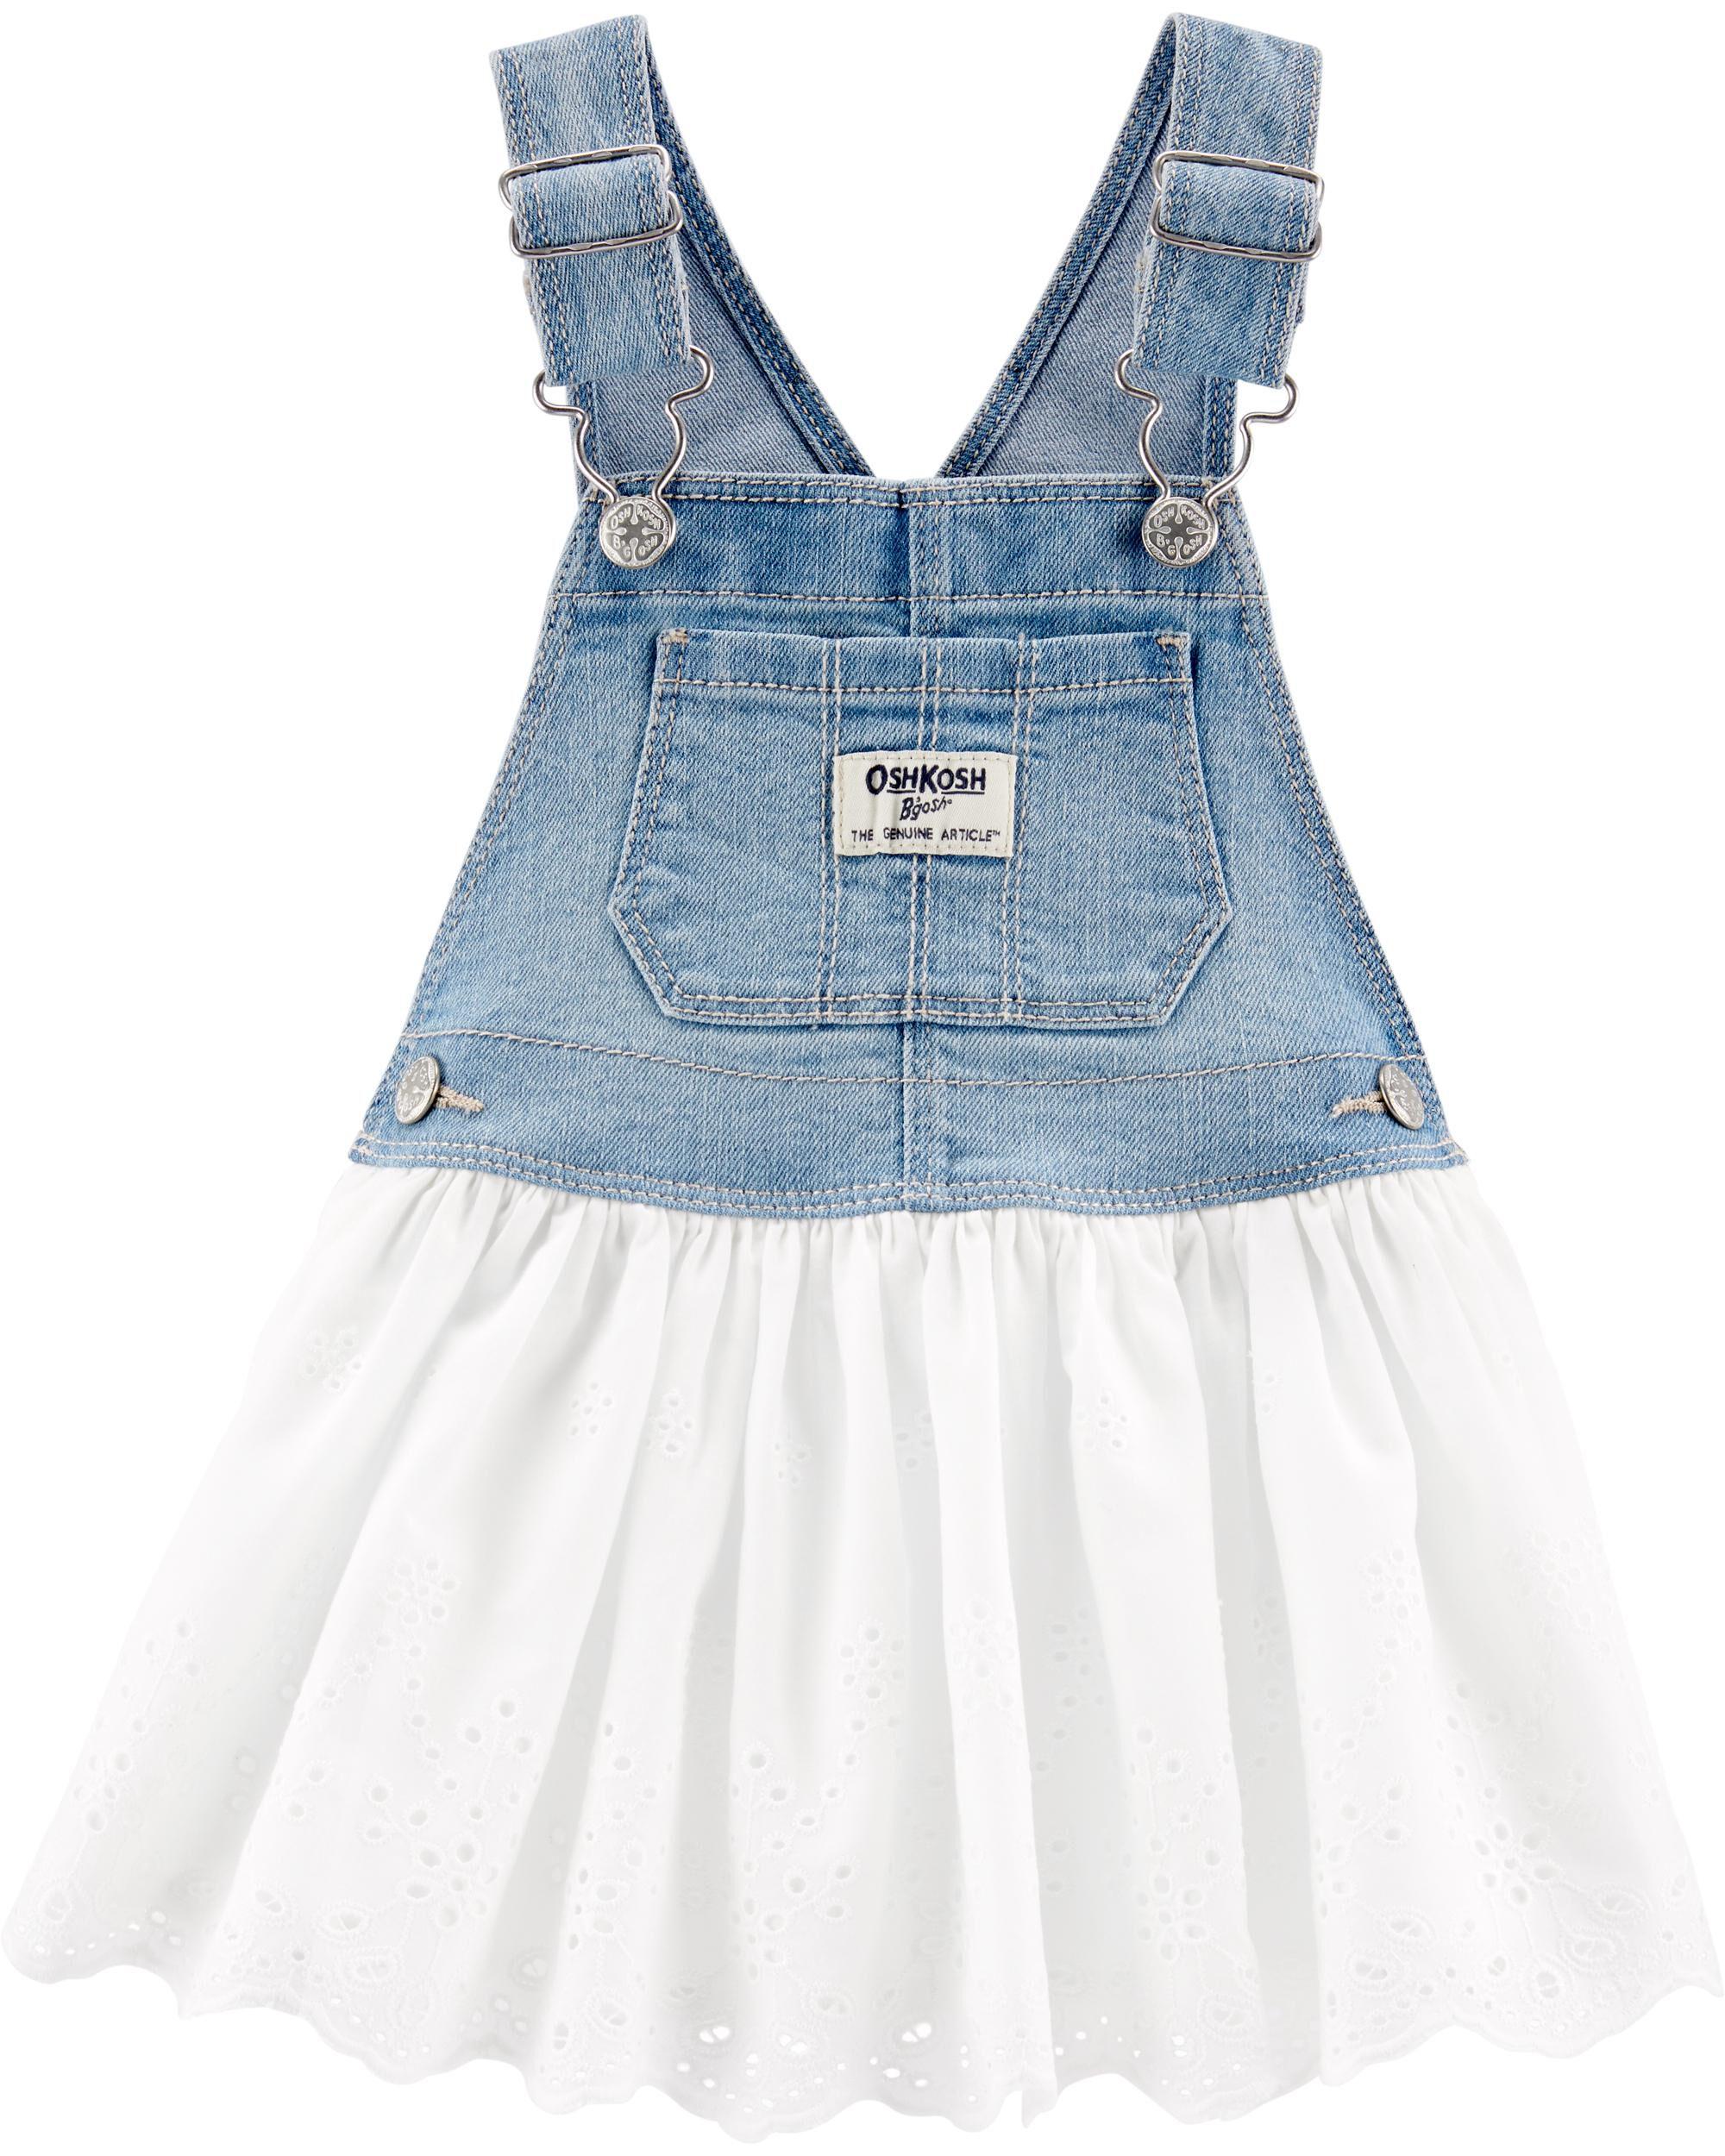 New OshKosh Girls Dress Ivory Sparkle Tulle Skirt Overalls NWT 18 24m 2 3 4 5T